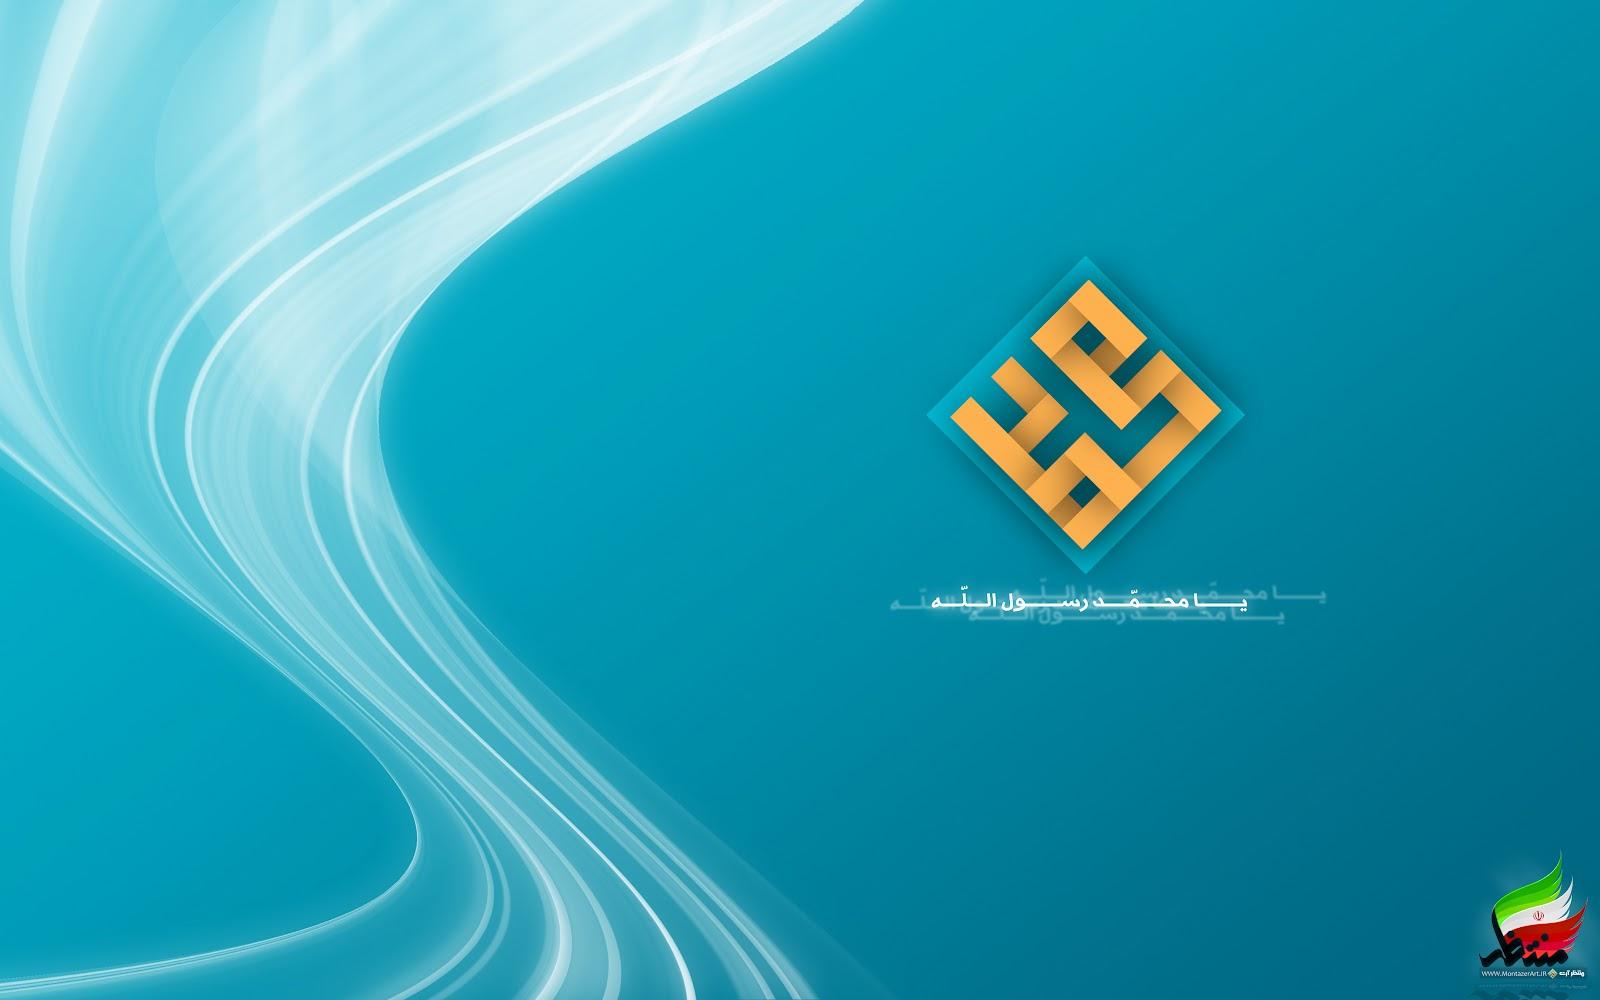 http://3.bp.blogspot.com/-84xURyhDSWg/T2Blis6lGtI/AAAAAAAAAp4/GuIm0UnRDxk/s1600/Wallpaper+Muhammad+Rasulullah+%252831%2529.jpg